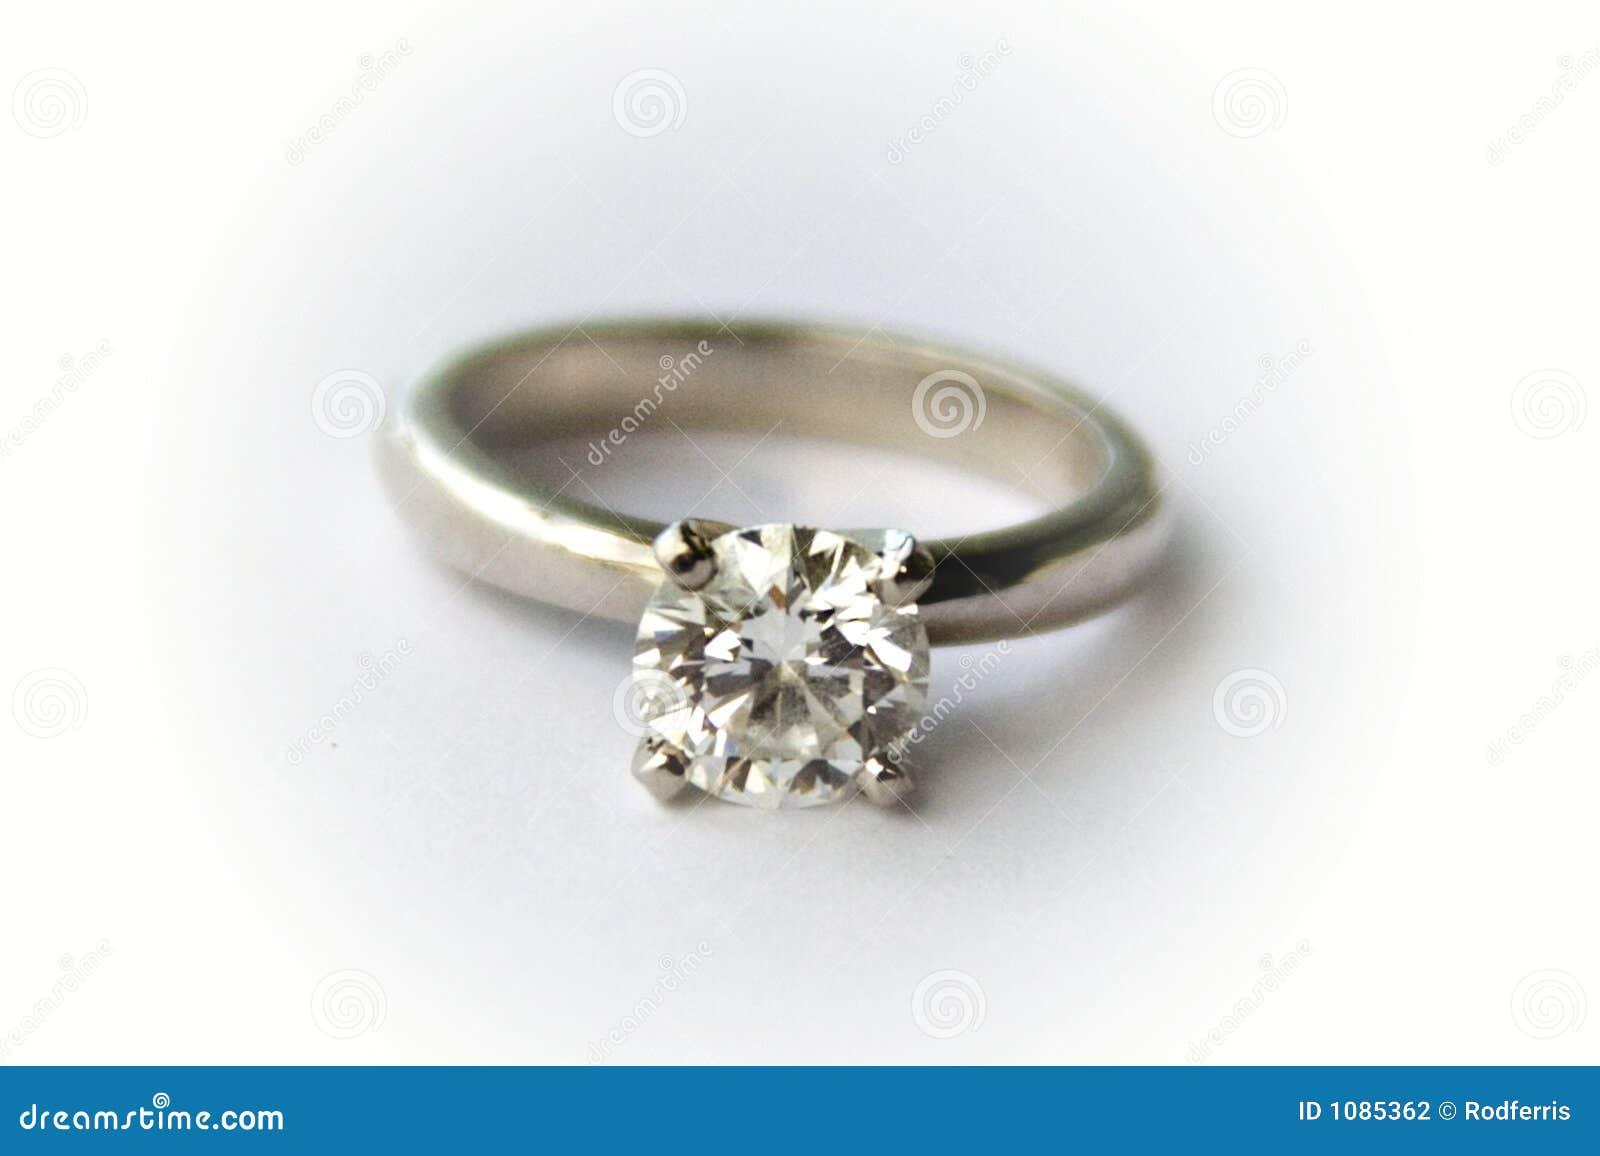 Diamond ring zaręczynowy solitare